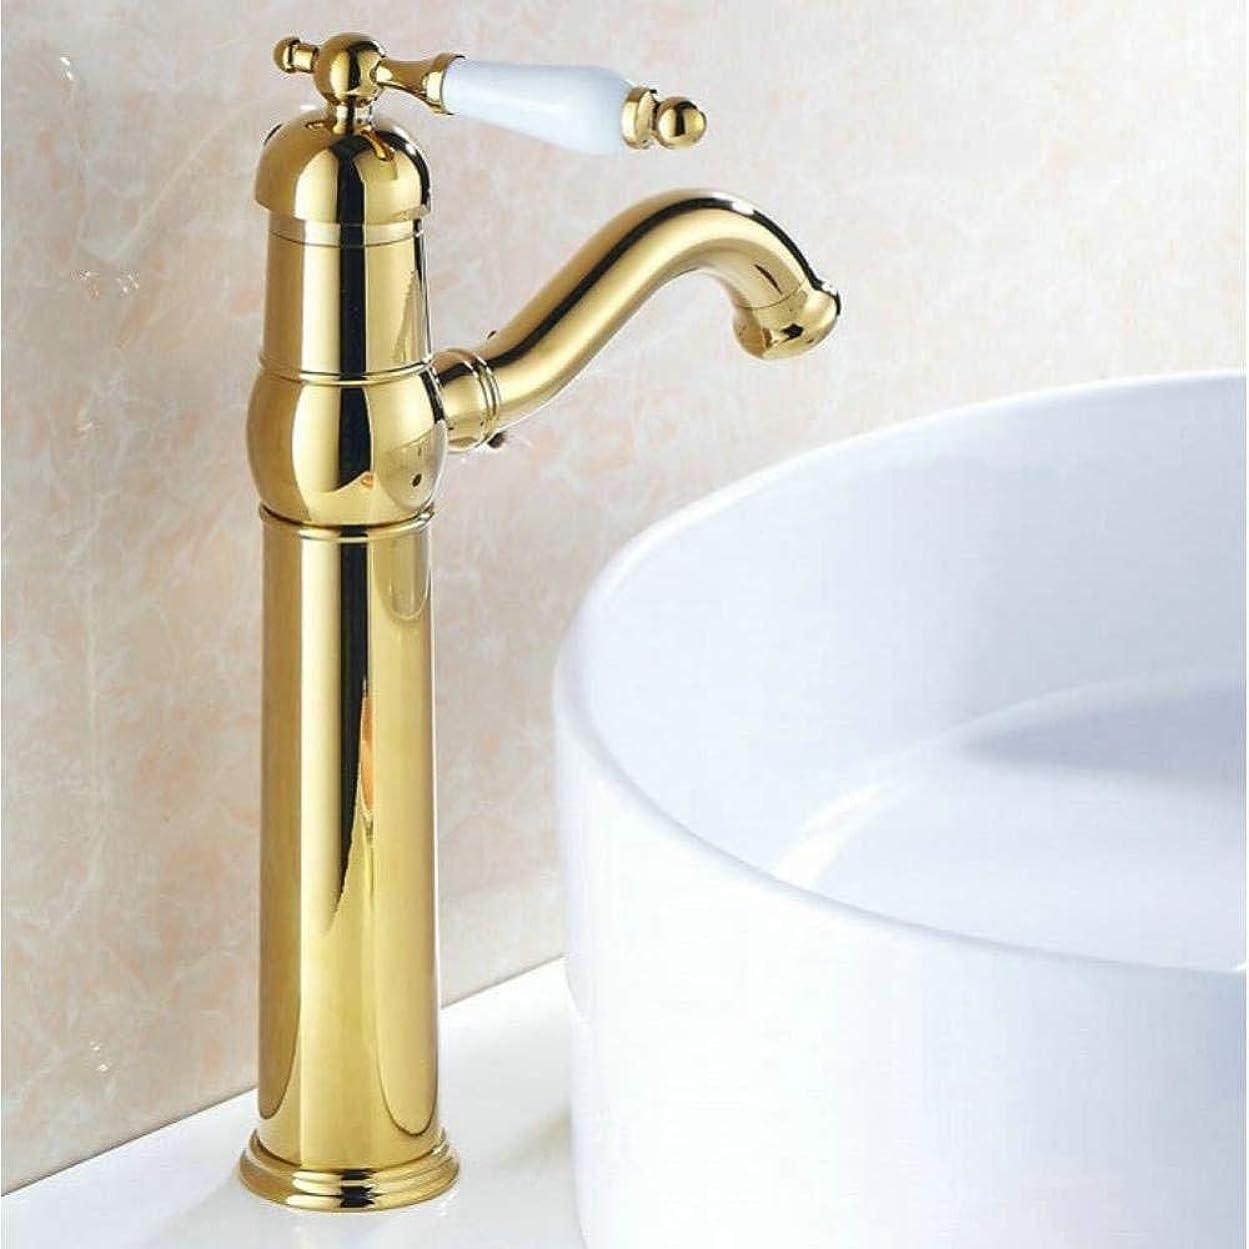 平らなピンポイント永久にファッション 蛇口キッチンタップ浴室の洗面台の蛇口ゴールデン完了スイベルミキサータップ単穴デッキは、シンクの蛇口をマウント